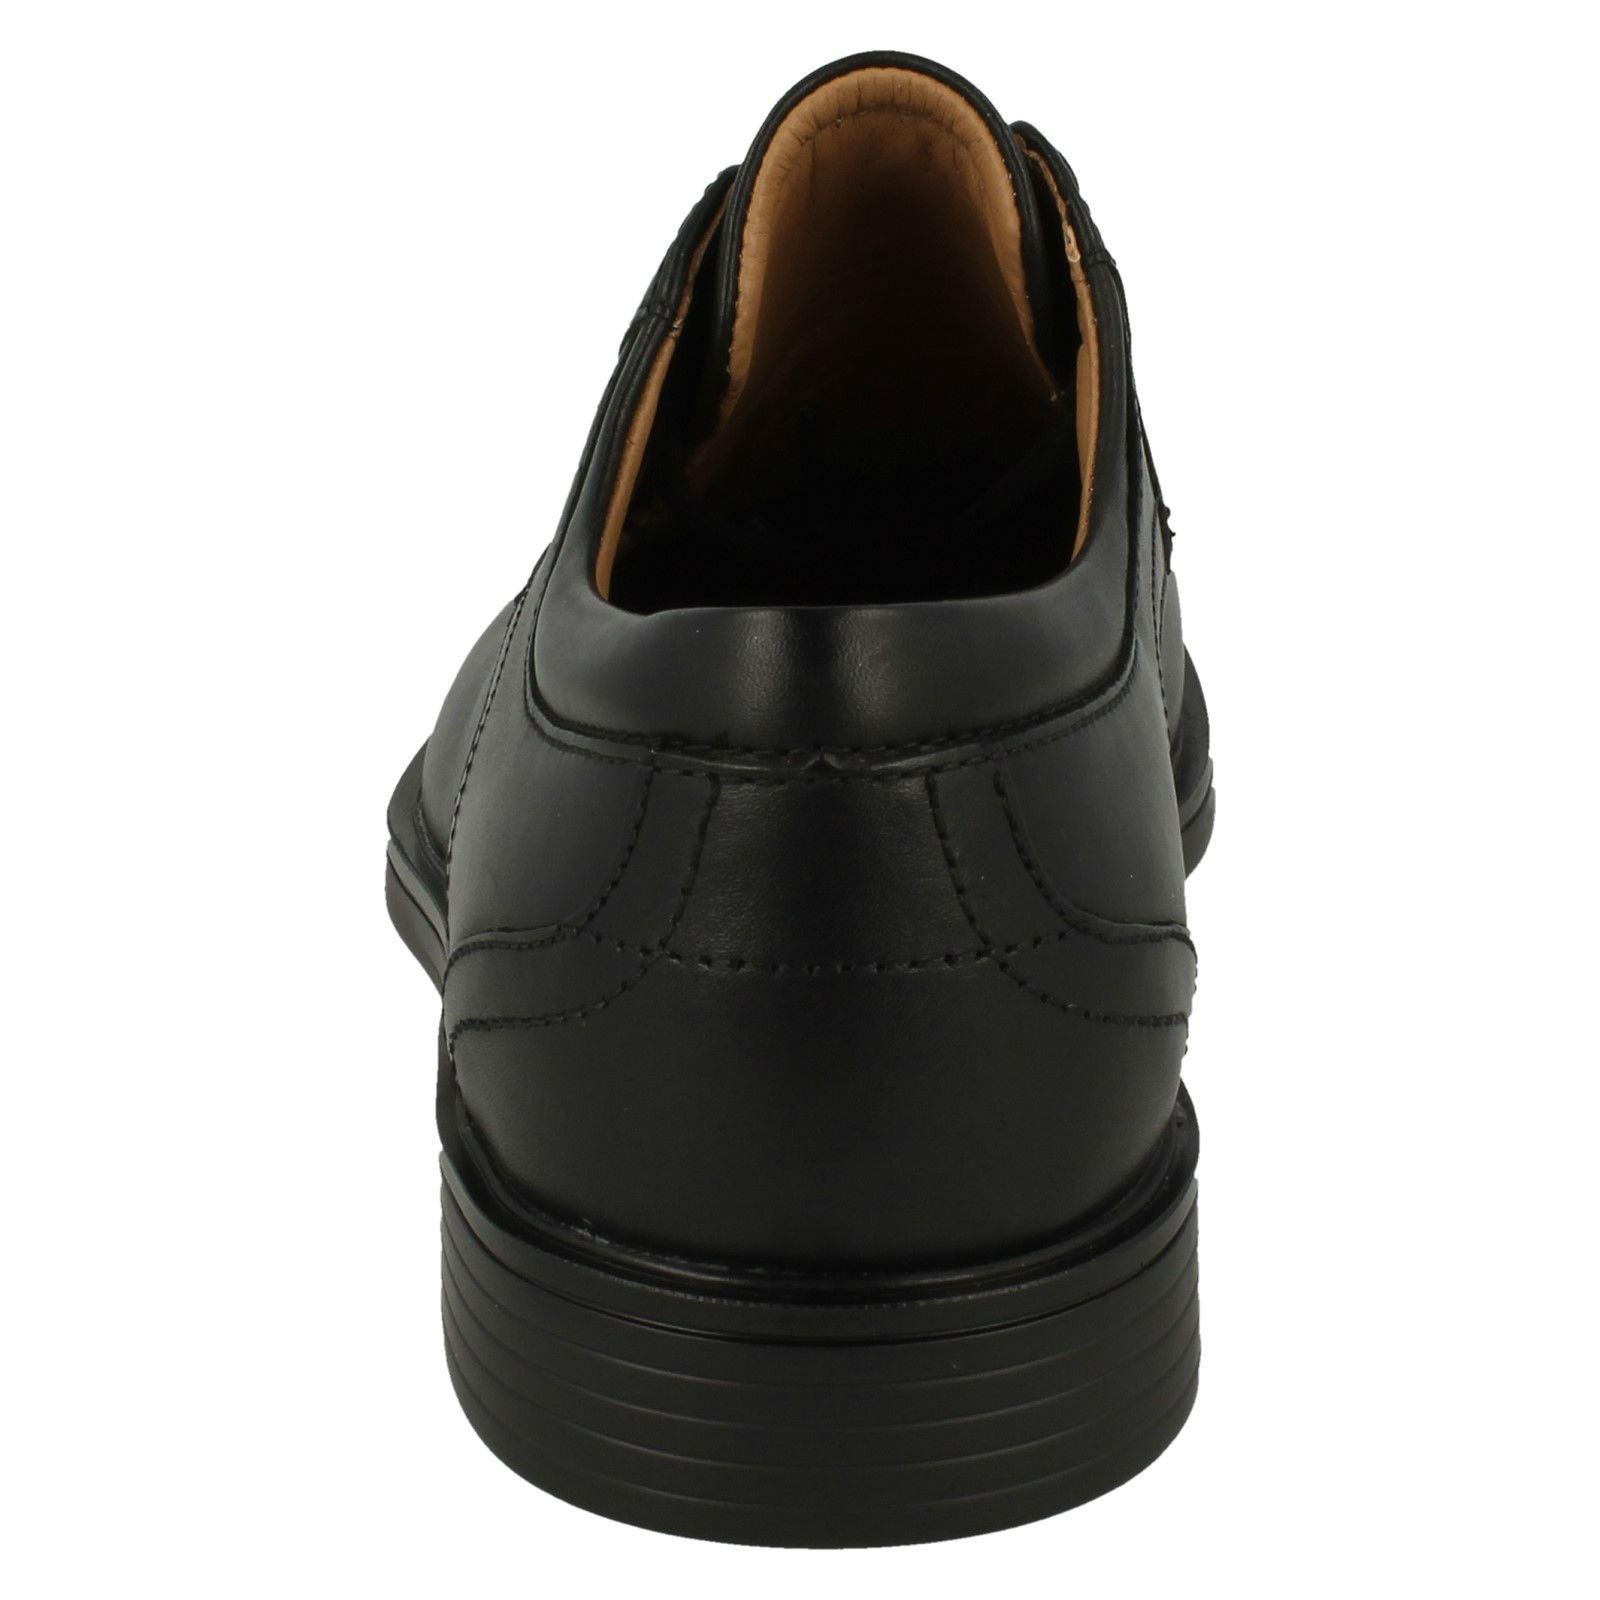 Mens Clarks Smart Lace Up Shoes Un Aldric Park